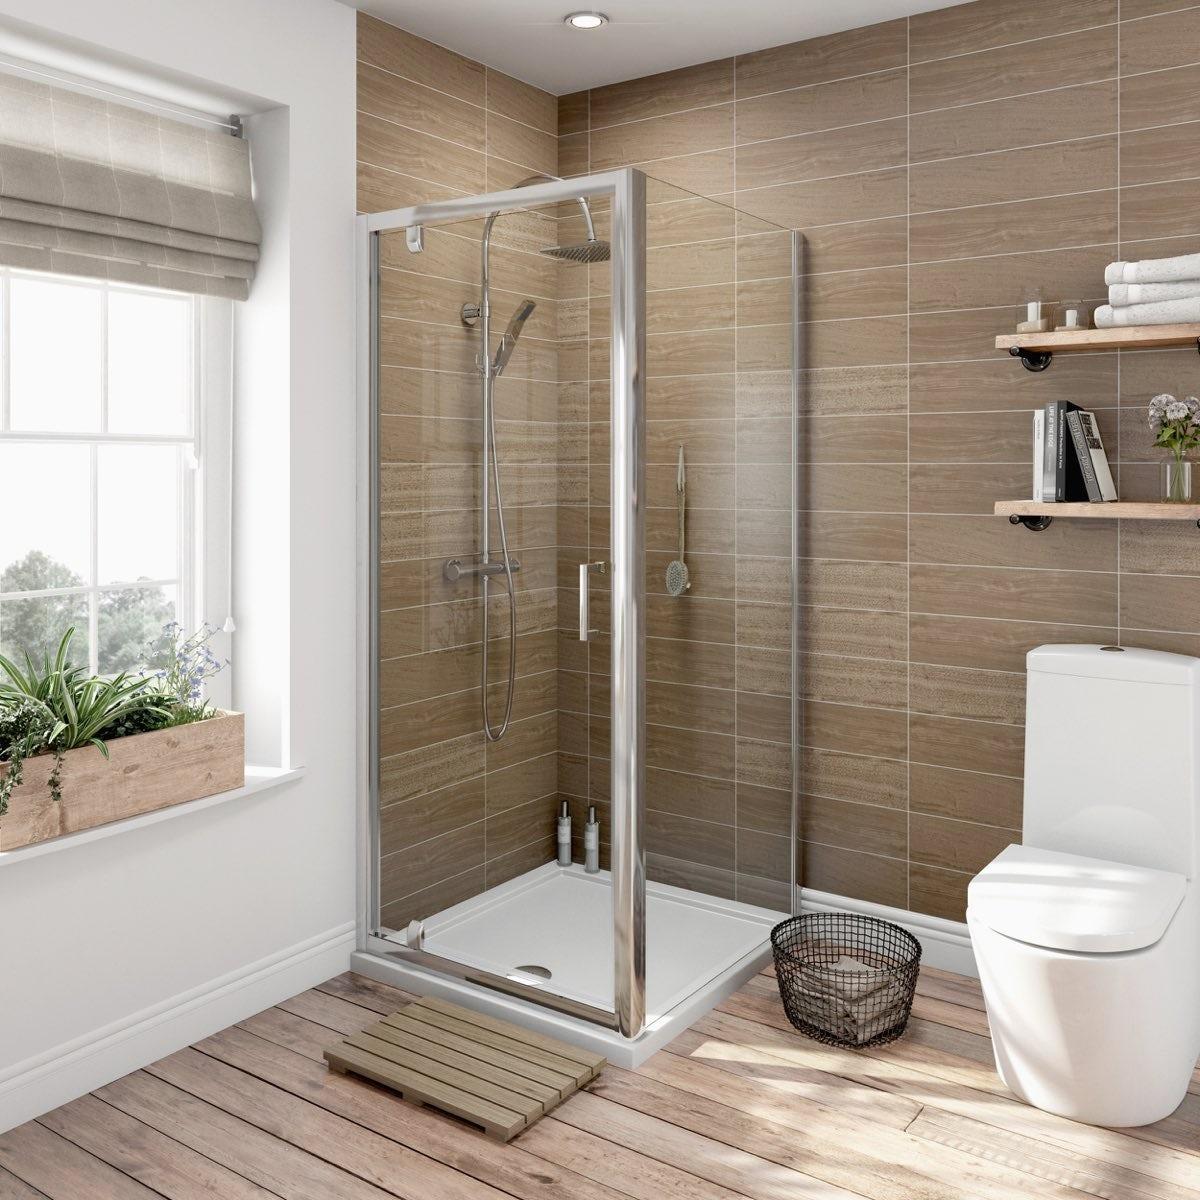 6mm pivot door shower enclosure 700 x 800